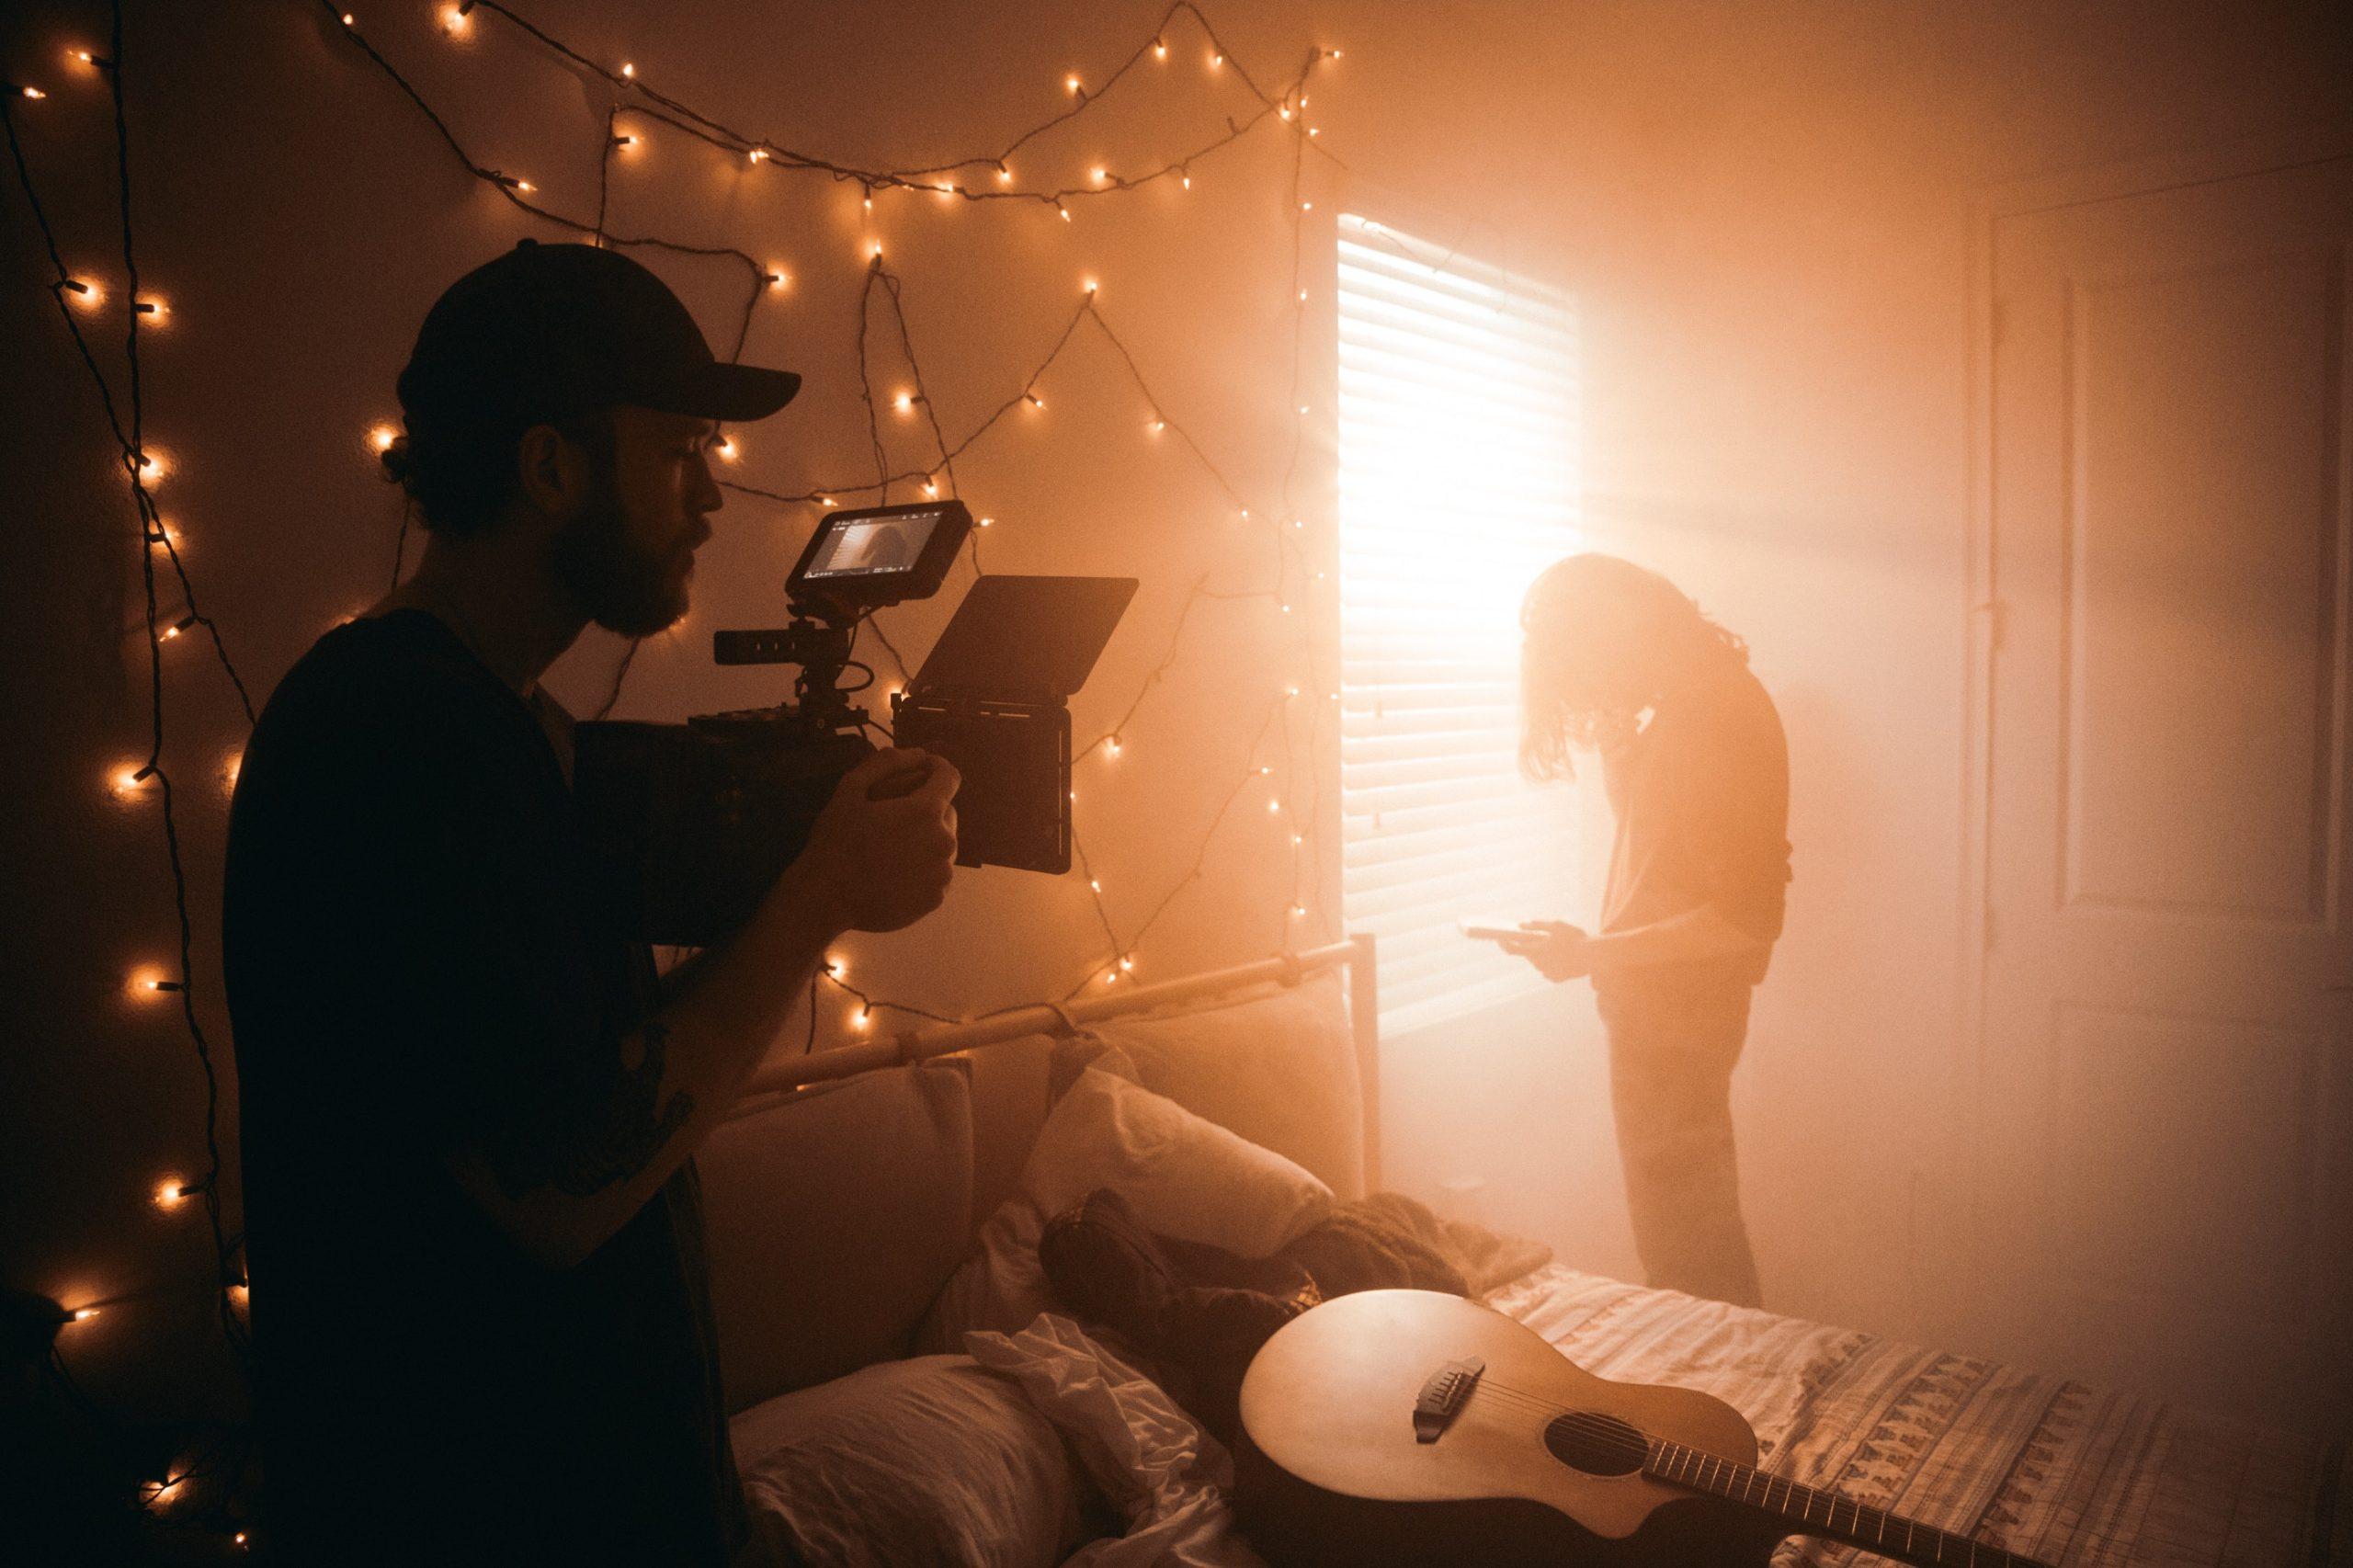 Filming scene in bedroom